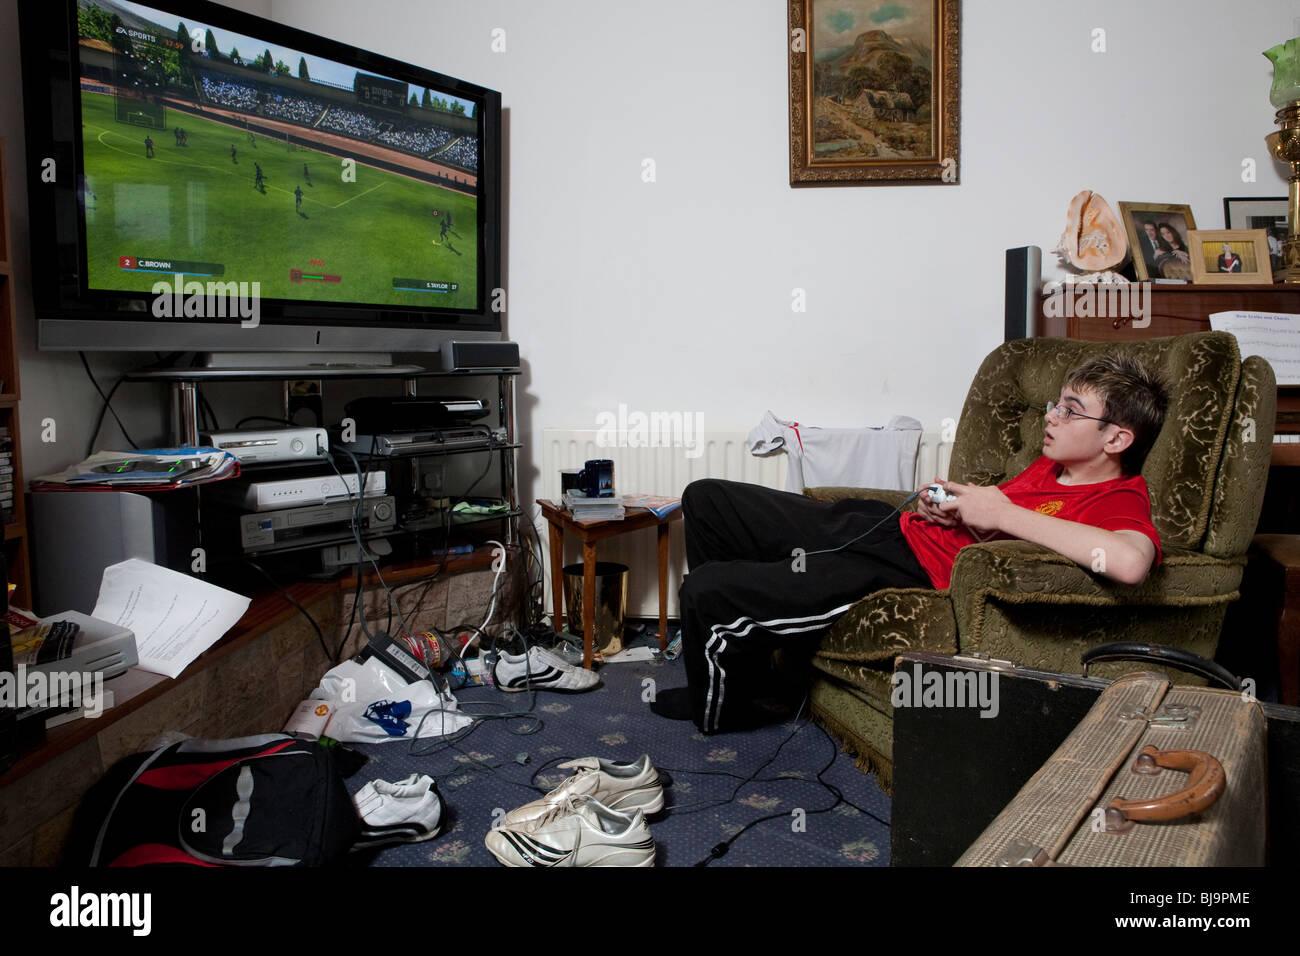 Jungen spielen Videospiel in unübersichtlichen Wohnzimmer Stockfoto